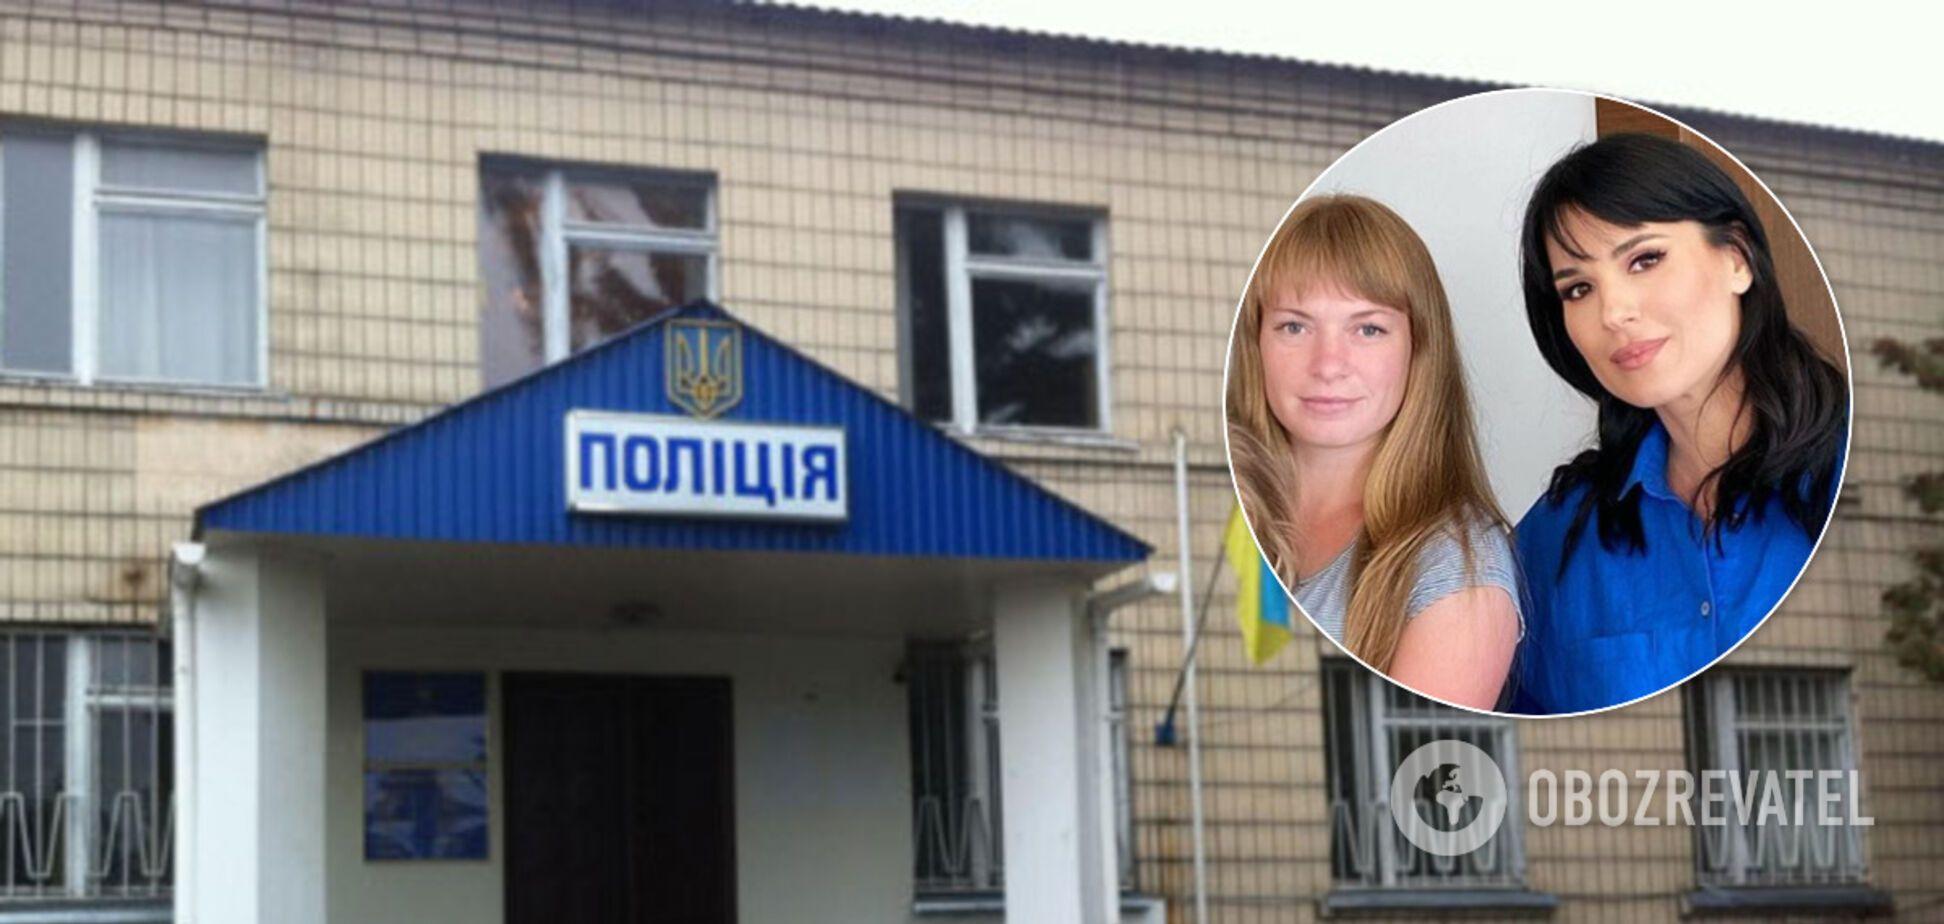 Маша Єфросиніна заступилася за жертву насильства в Кагарлику (колаж)